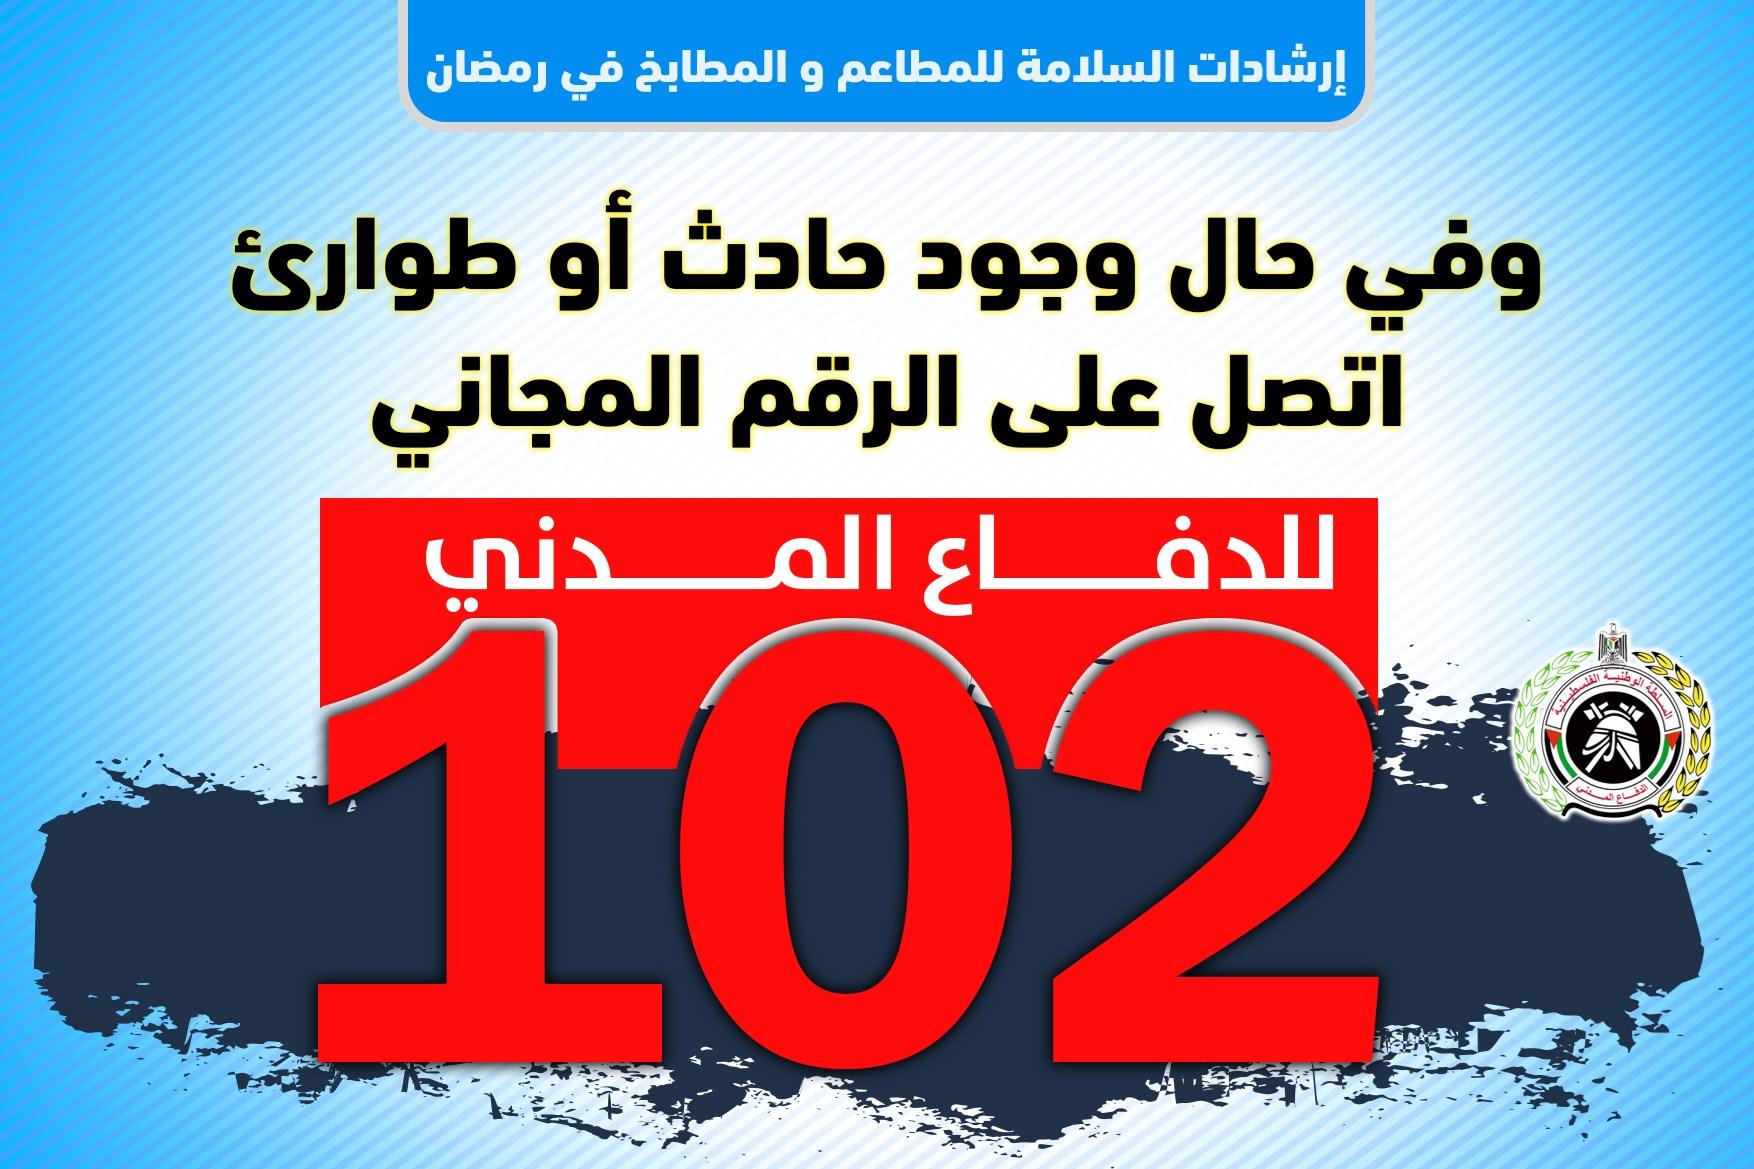 الدفاع المدني يصدر إرشادات السلامة للمواطنين في رمضان وزارة الداخلية والأمن الوطني